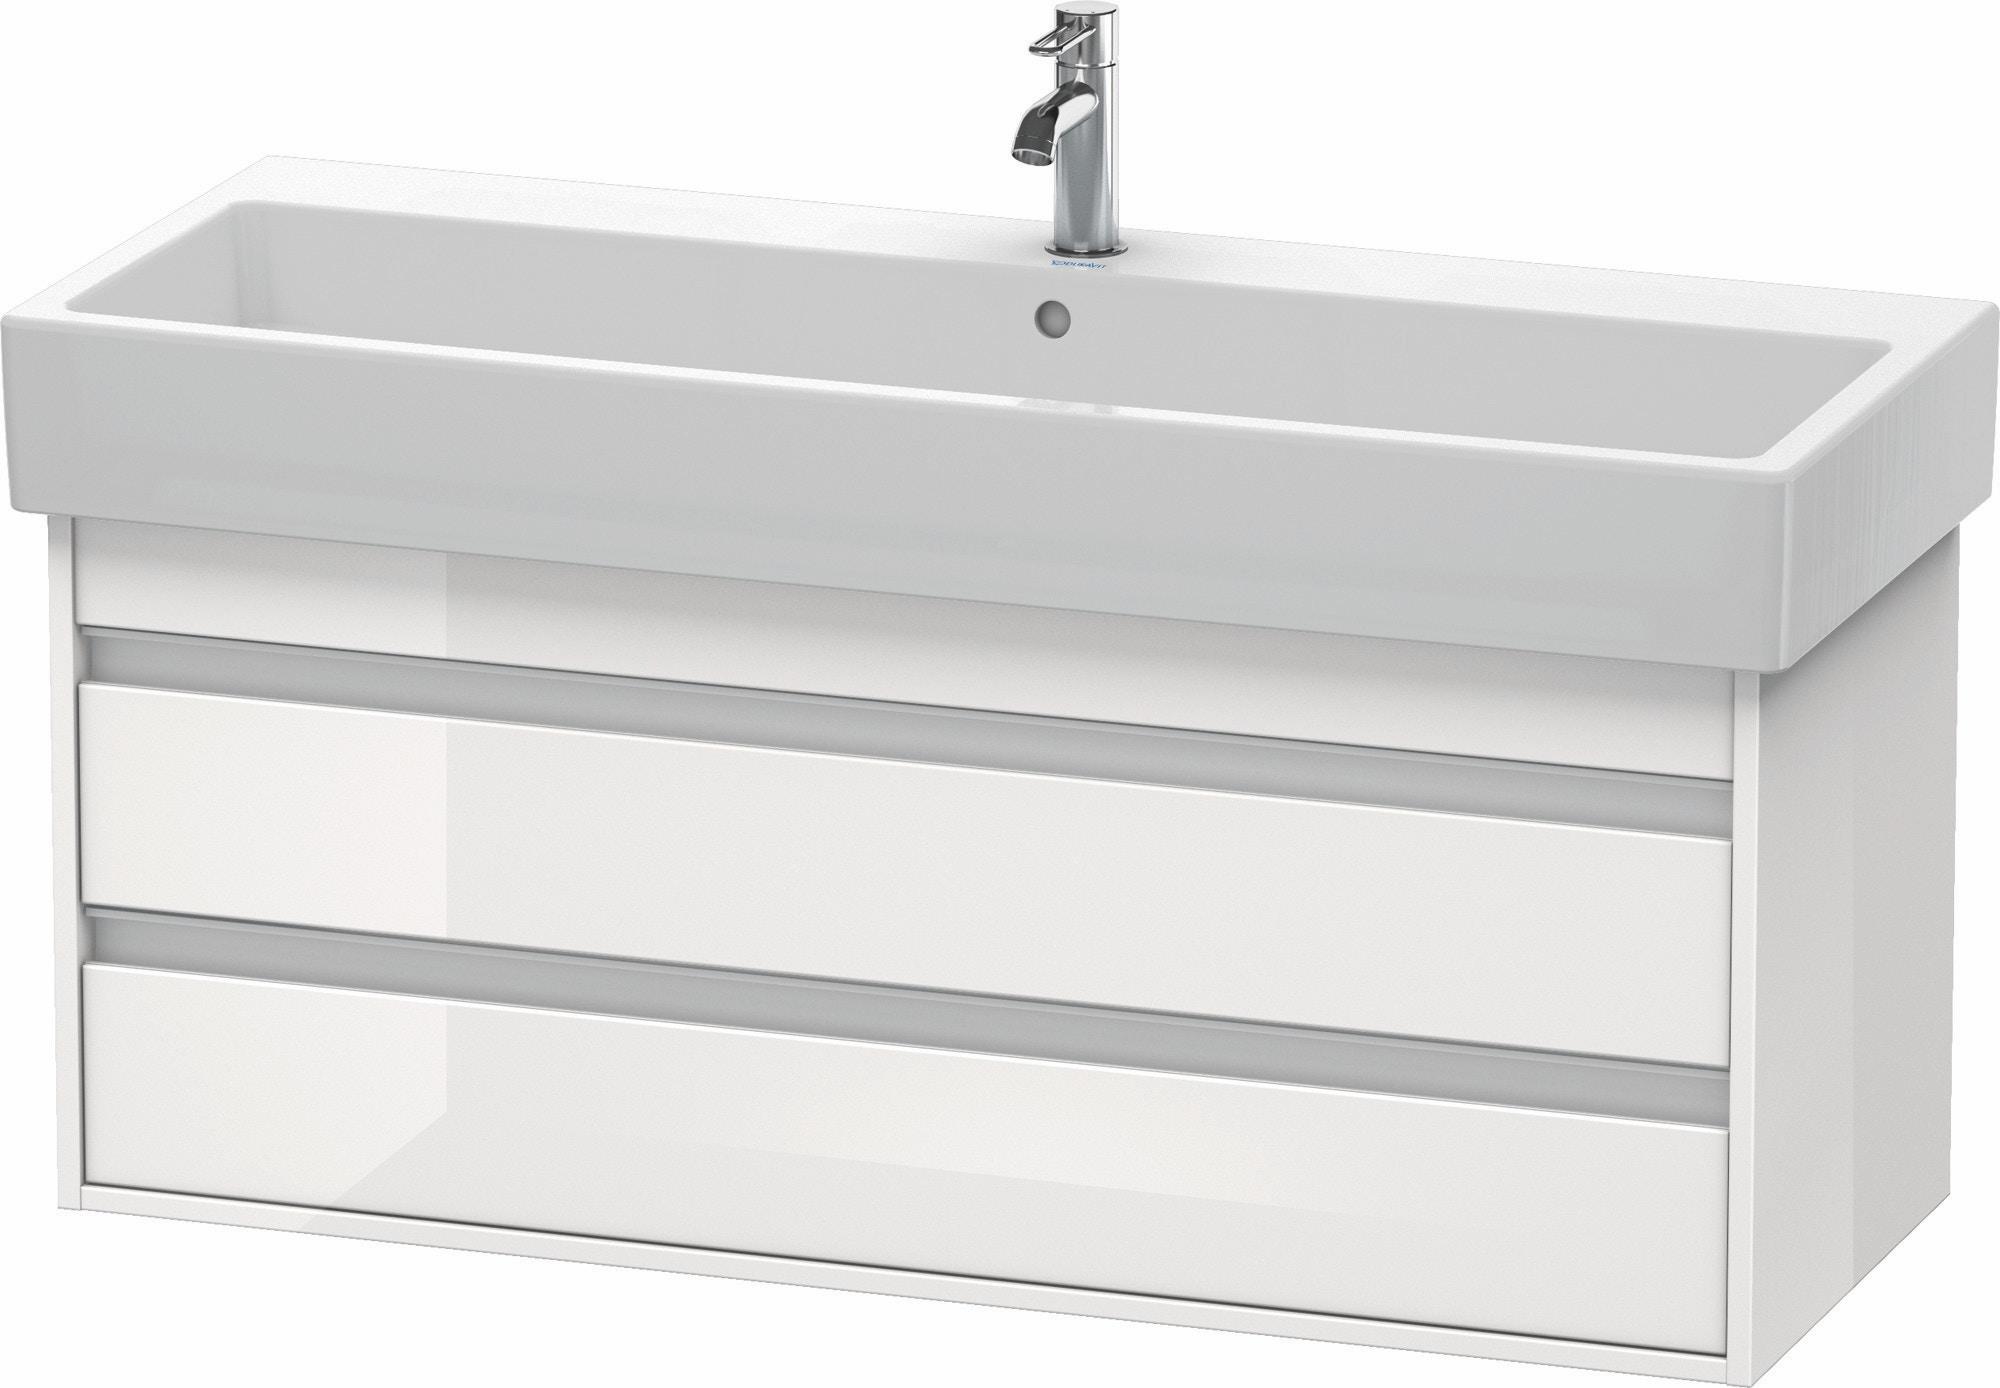 Duravit Ketho Badmöbel Set 1150 mit Vero Waschtisch - Optional mit Seitenschrank und Spiegel